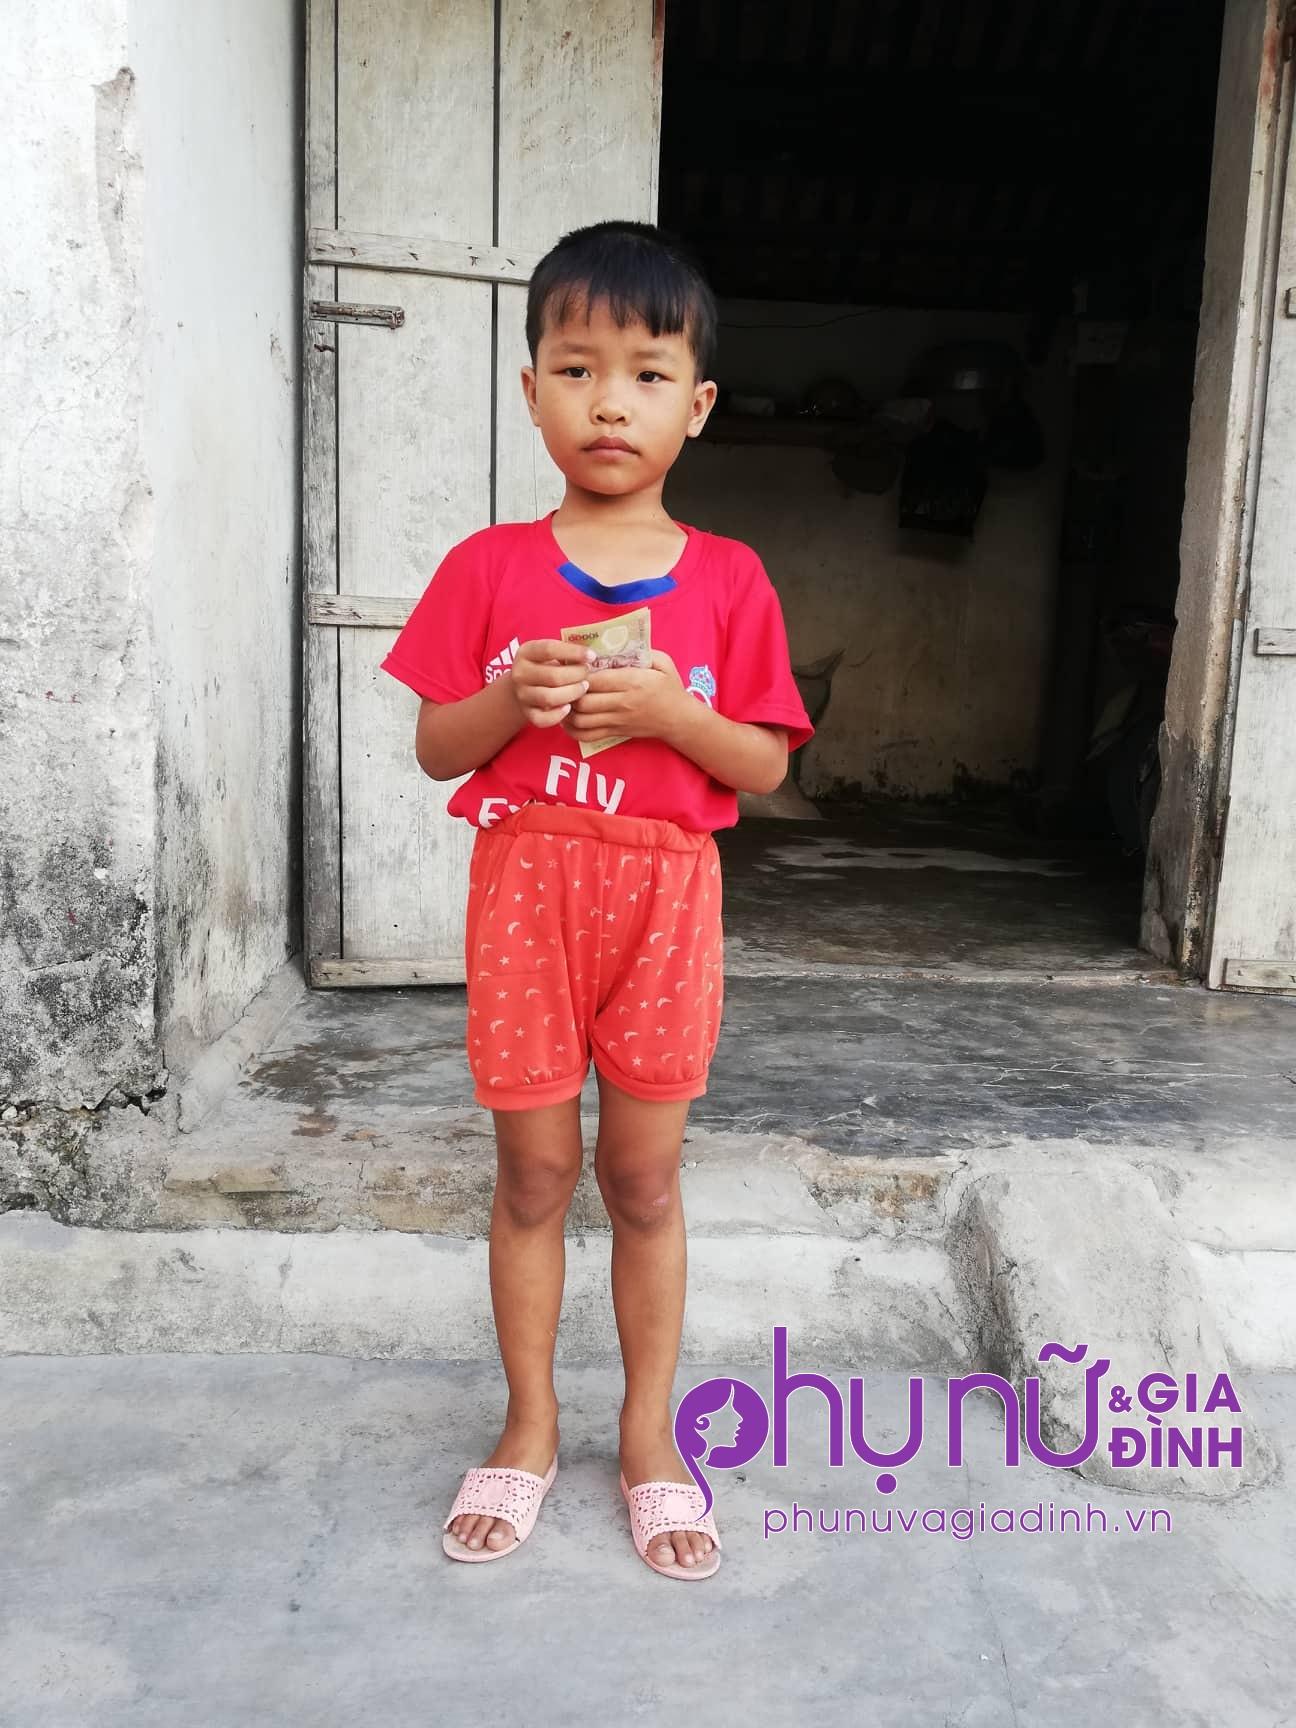 Không cha, mẹ bỏ đi biệt tích, bé gái 5 tuổi chưa được làm giấy khai sinh, chưa được đặt tên, tương lai mịt mù - Ảnh 3